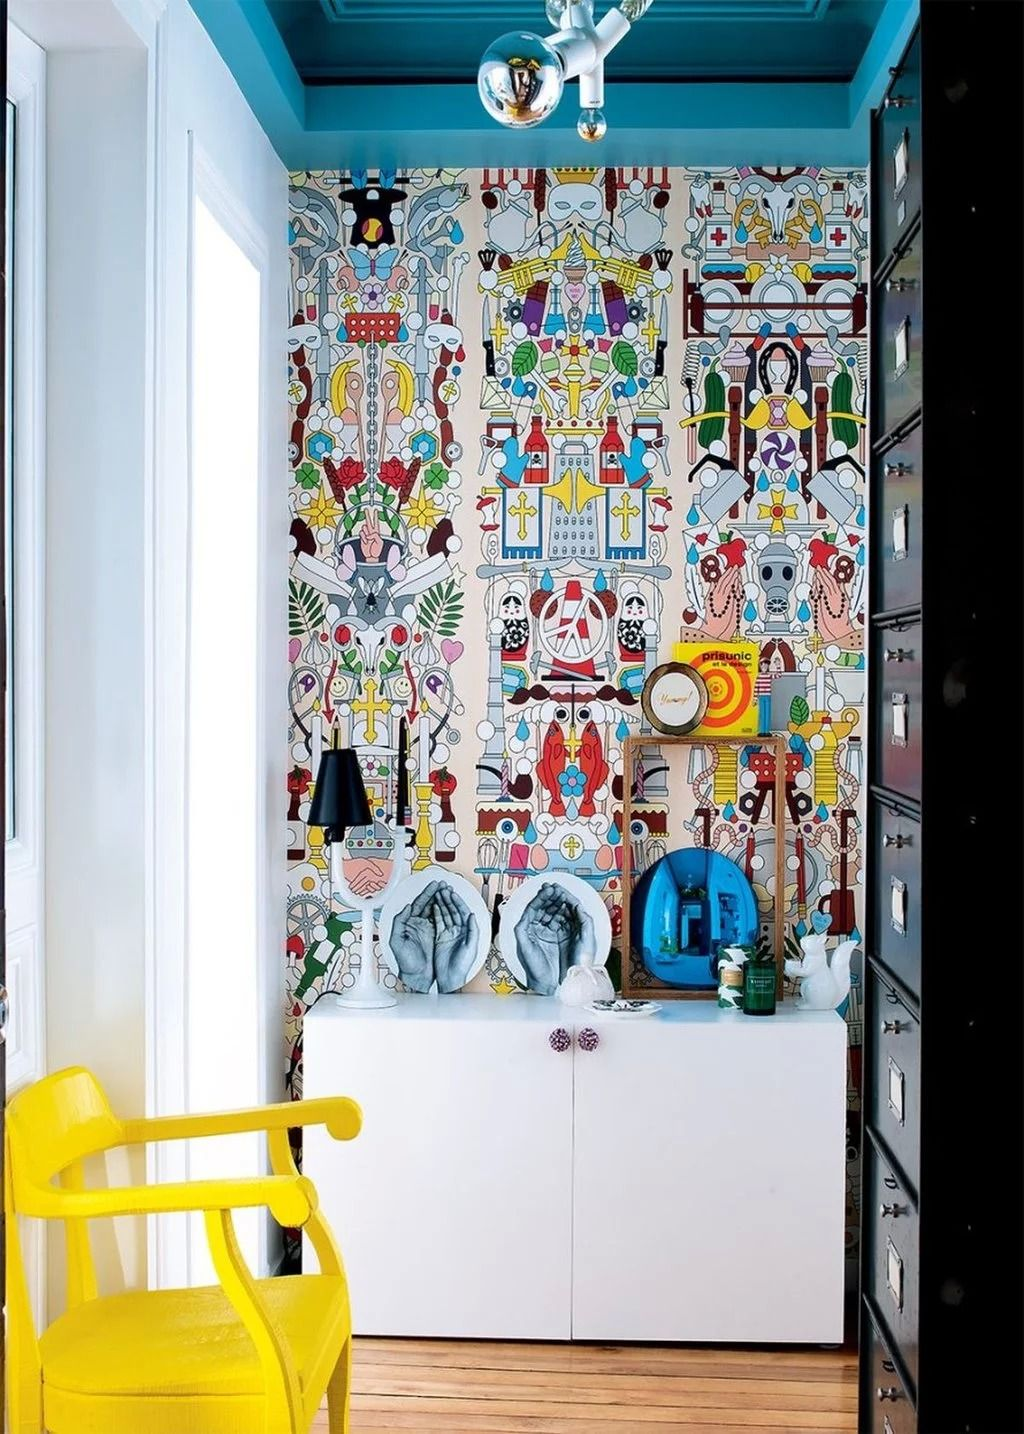 Entree Au Style Pop Couloir Seventies Papier Peint Peinture Coloree Meubles Couleurs Vives Vestiaire M Design D Interieur Colore Decoration Interieure Deco